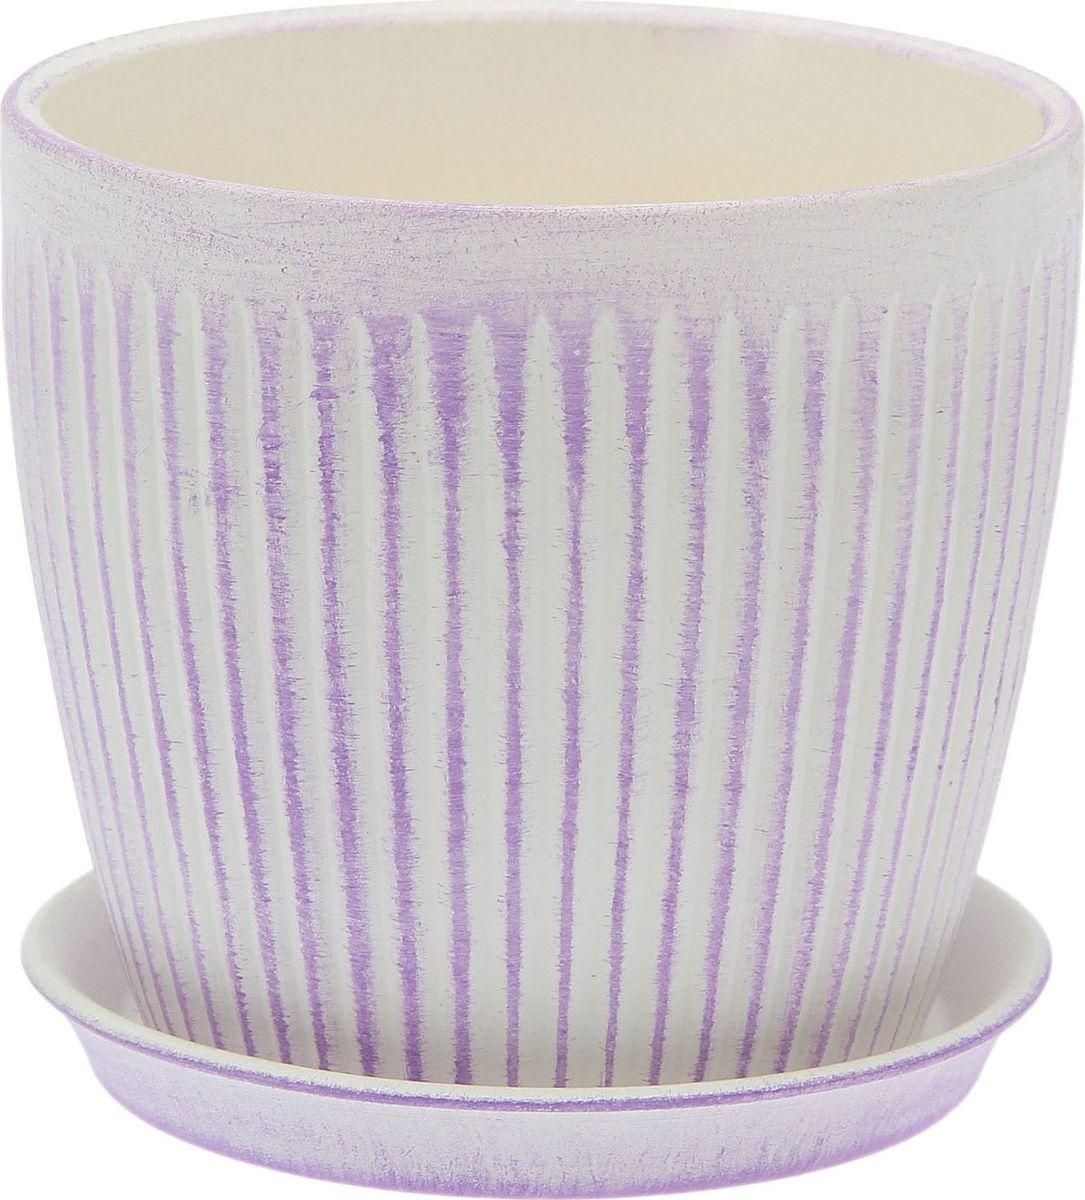 Кашпо Керамика ручной работы Осень. Вертикаль, цвет: лавандовый, 2 л1968887Комнатные растения — всеобщие любимцы. Они радуют глаз, насыщают помещение кислородом и украшают пространство. Каждому из них необходим свой удобный и красивый дом. Кашпо из керамики прекрасно подходят для высадки растений: за счет пластичности глины и разных способов обработки существует великое множество форм и дизайнов пористый материал позволяет испаряться лишней влаге воздух, необходимый для дыхания корней, проникает сквозь керамические стенки! позаботится о зеленом питомце, освежит интерьер и подчеркнет его стиль.